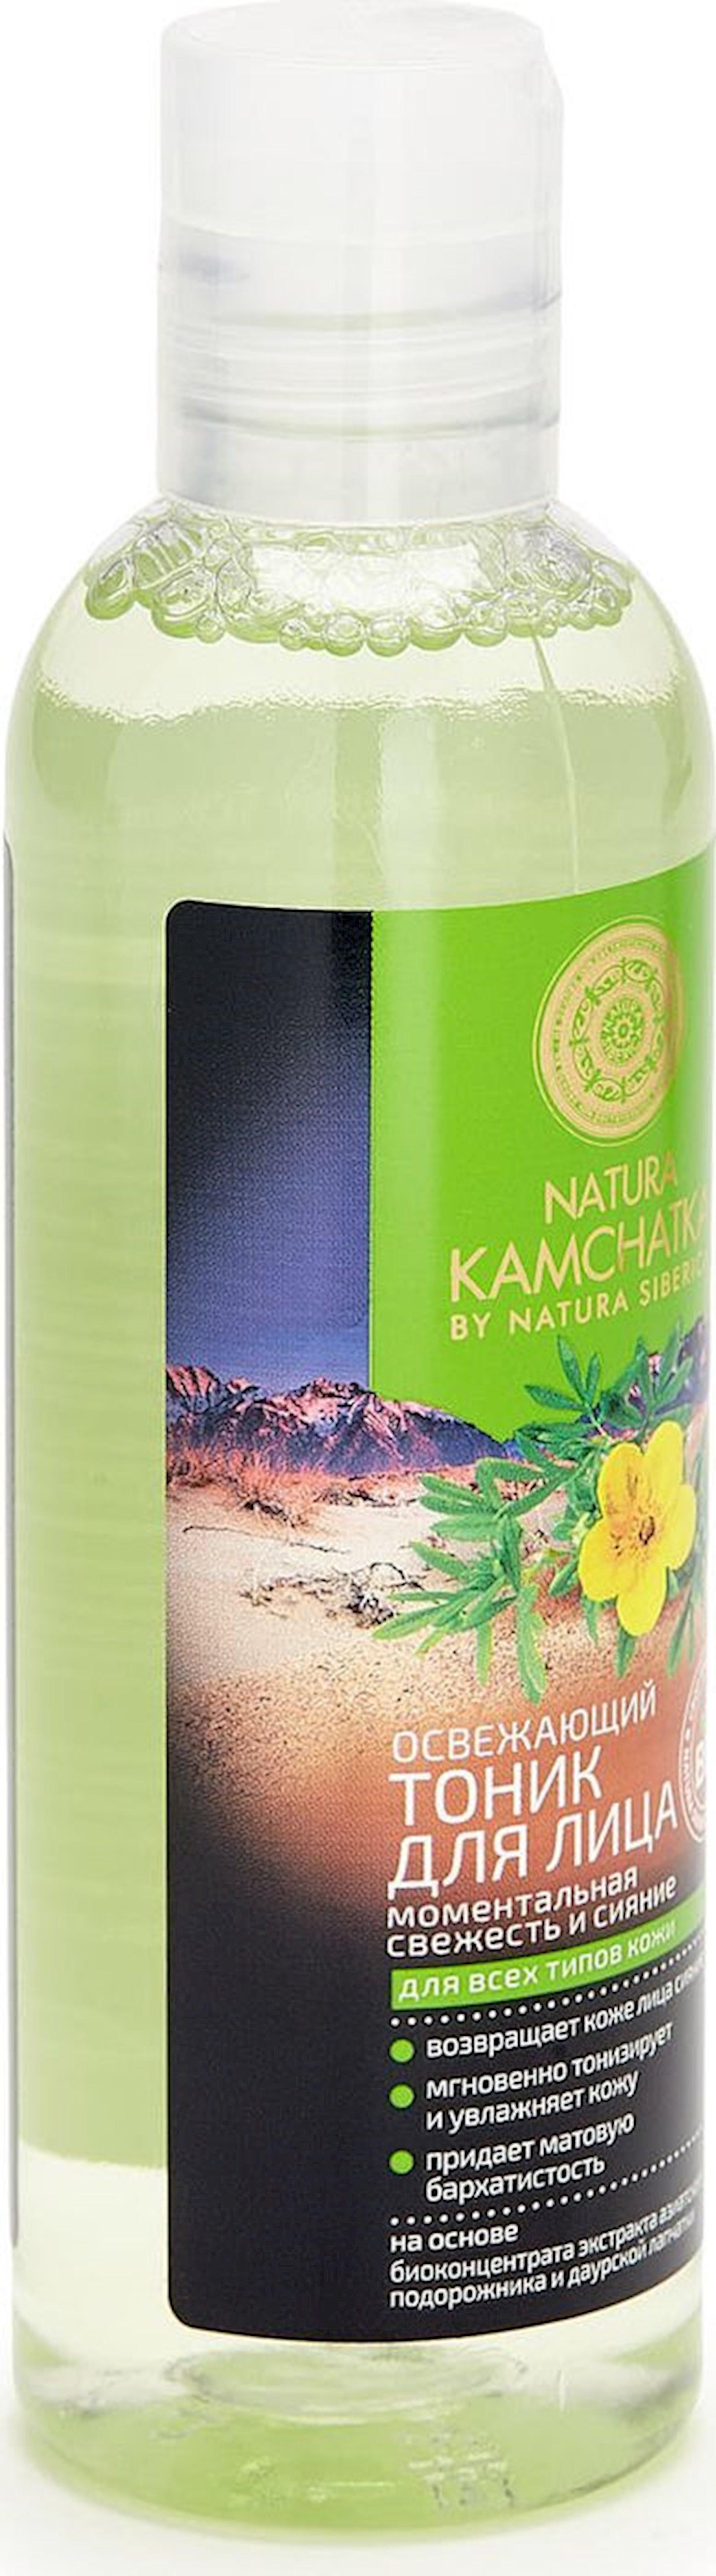 Tonik üz  üçün  Natura Siberica Kamchatka Təravətləndirici, 200 ml